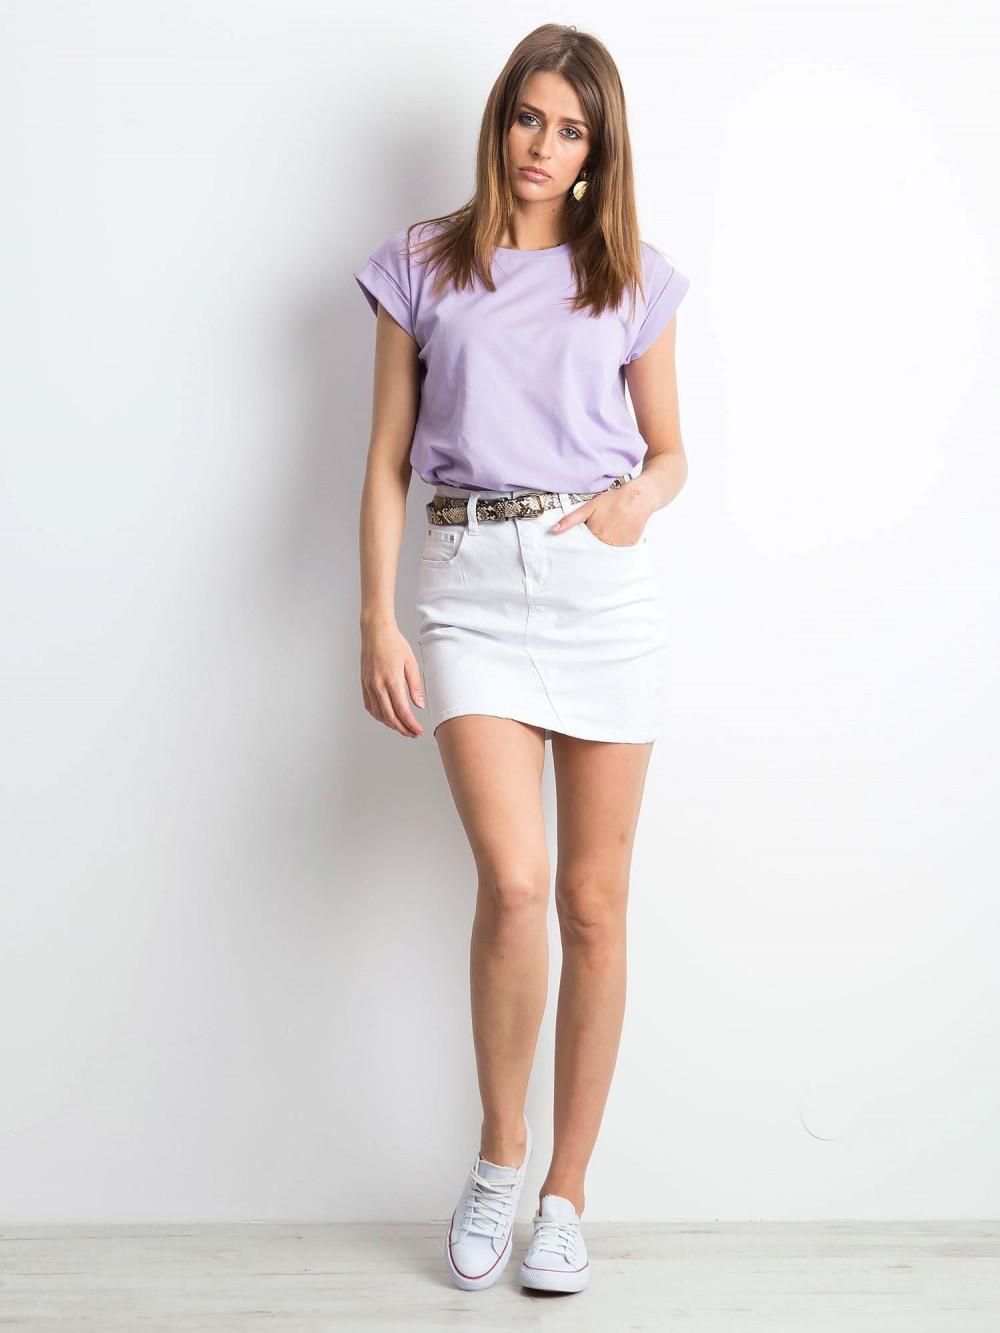 Fioletowy t-shirt z zawijanymi rękawkami Nami 3